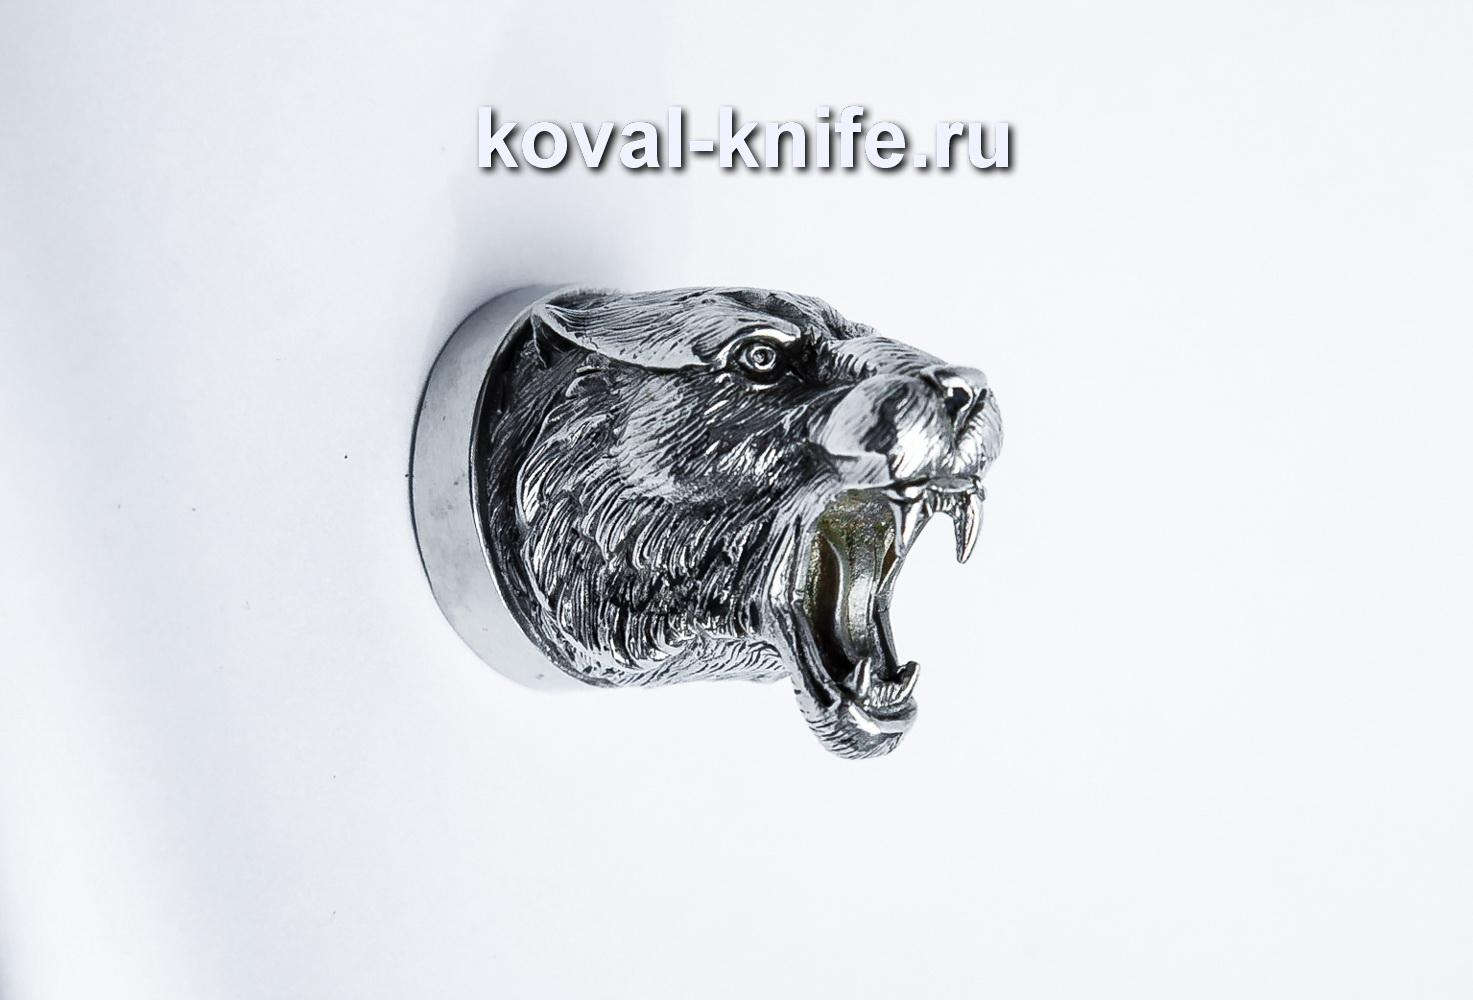 Литье для шампура 118 Голова – Тигра, круглое примыкание. Диаметр D 28мм.